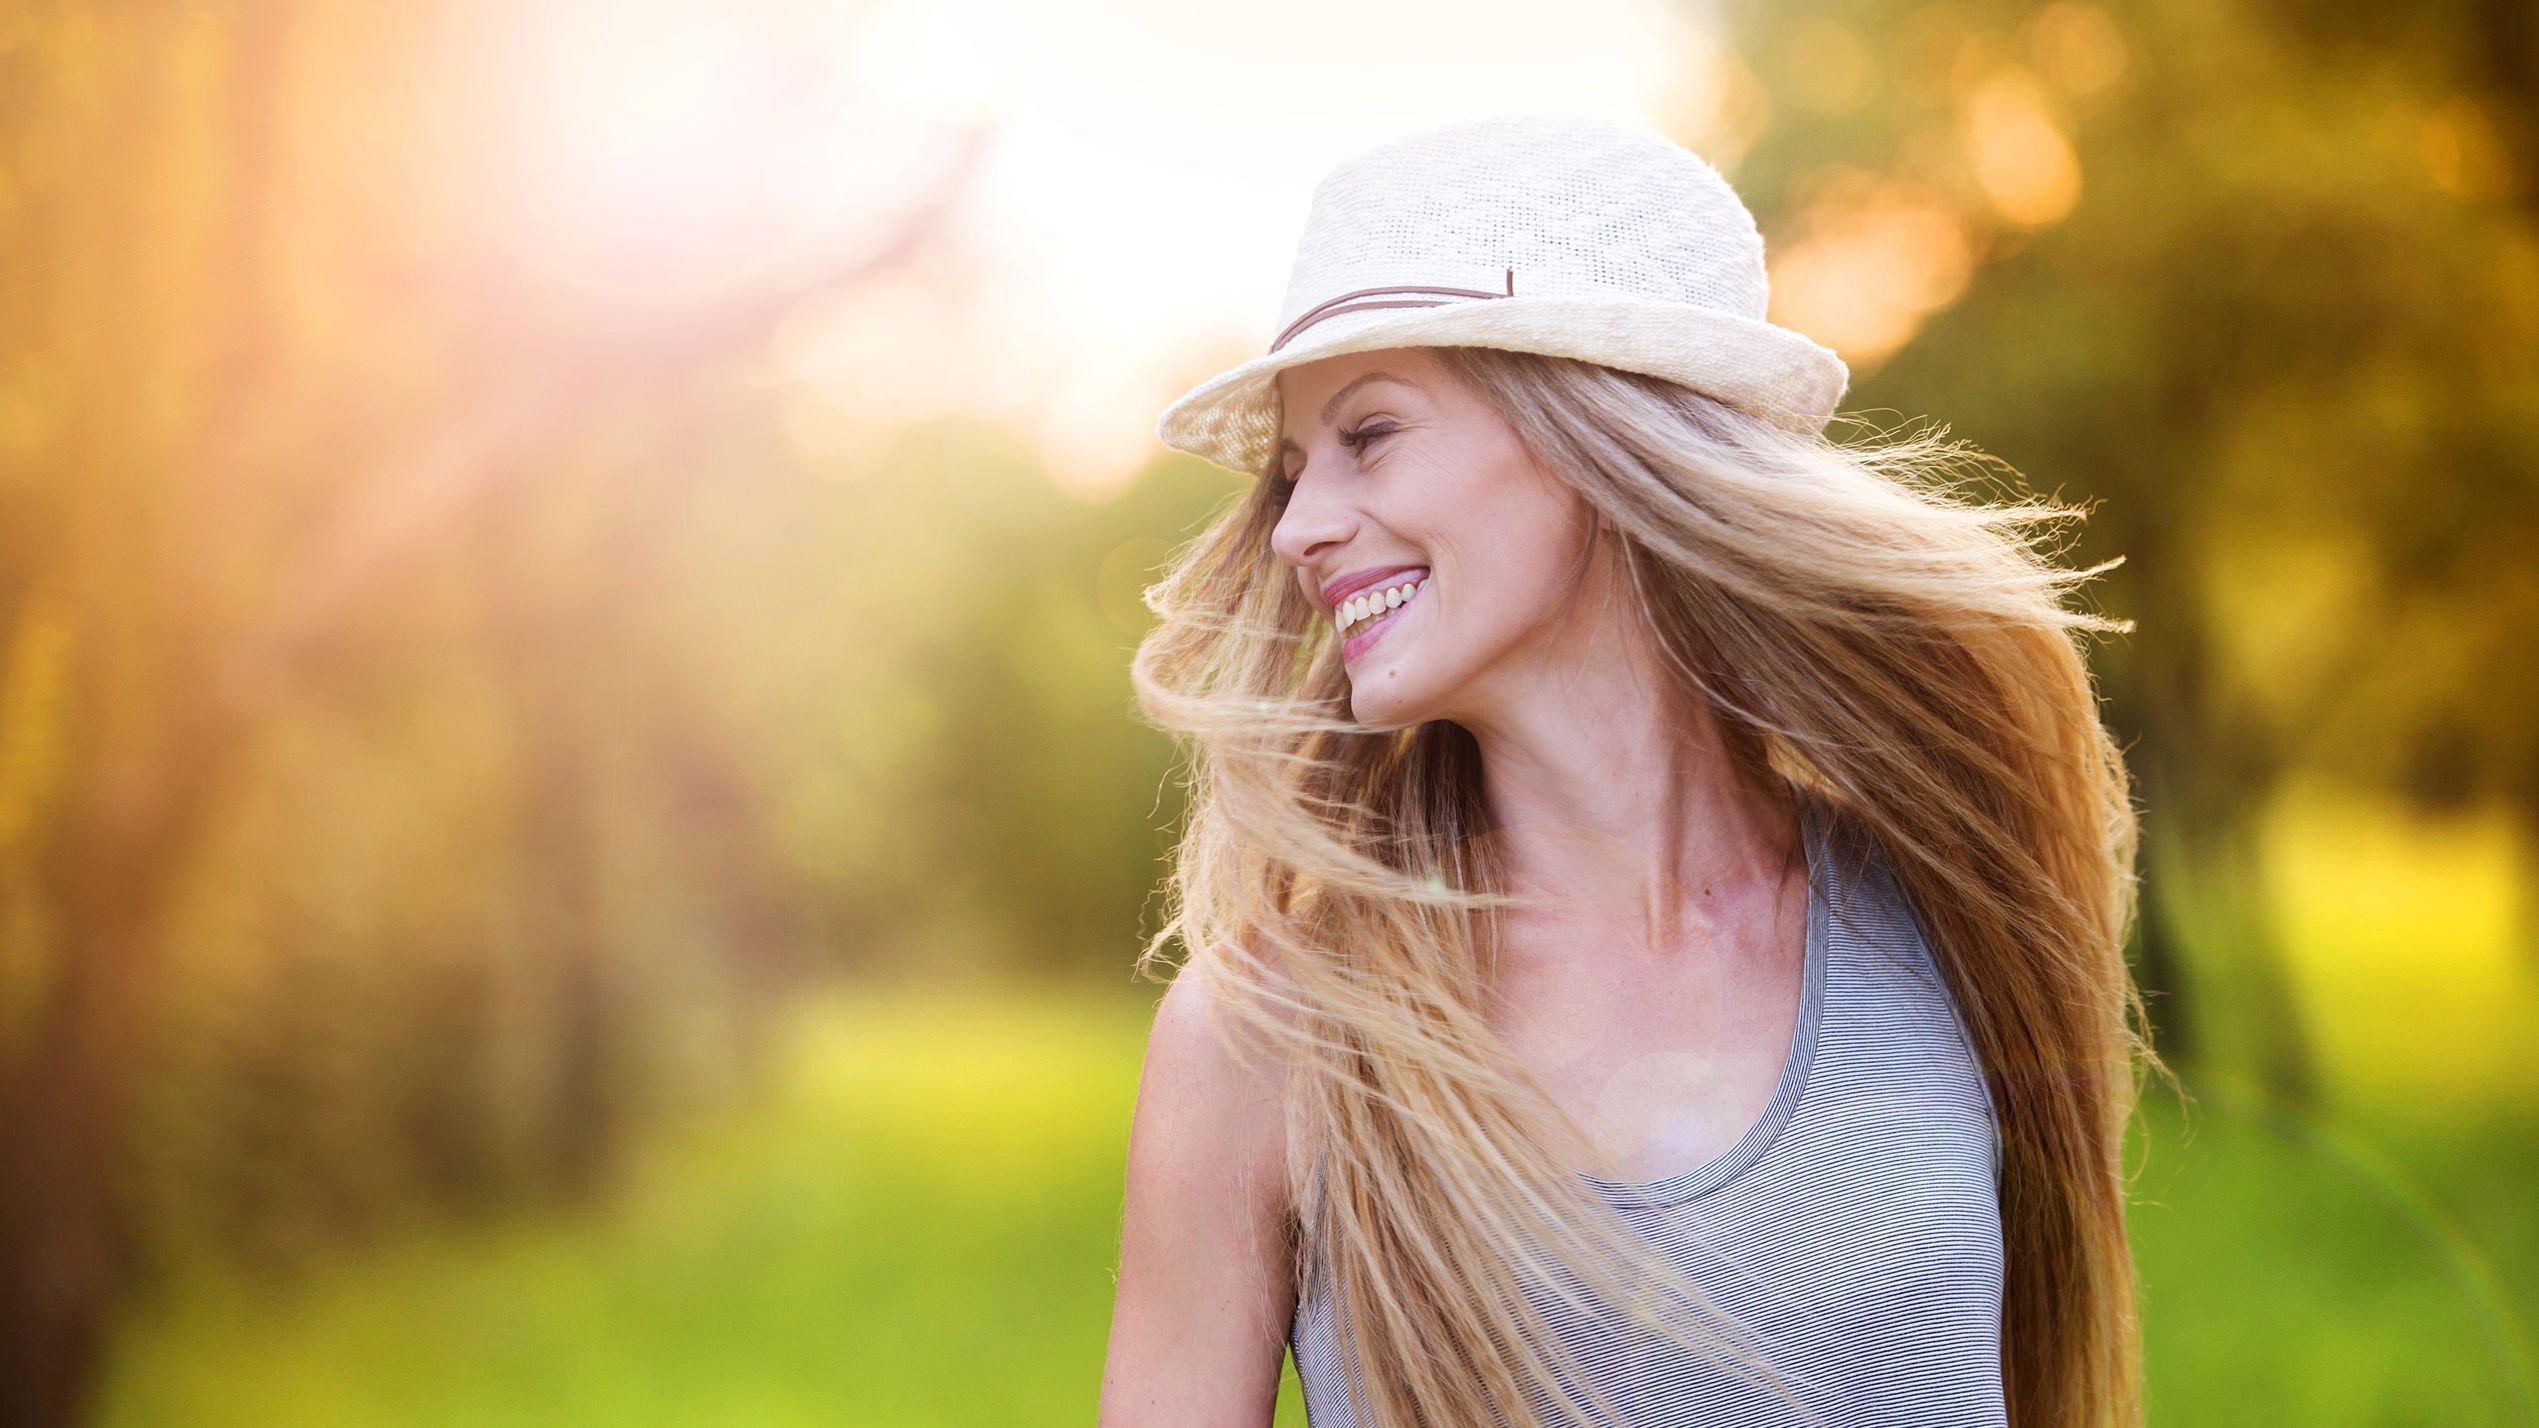 Mulher de chapéu sorri. O cenário é de árvores e grama